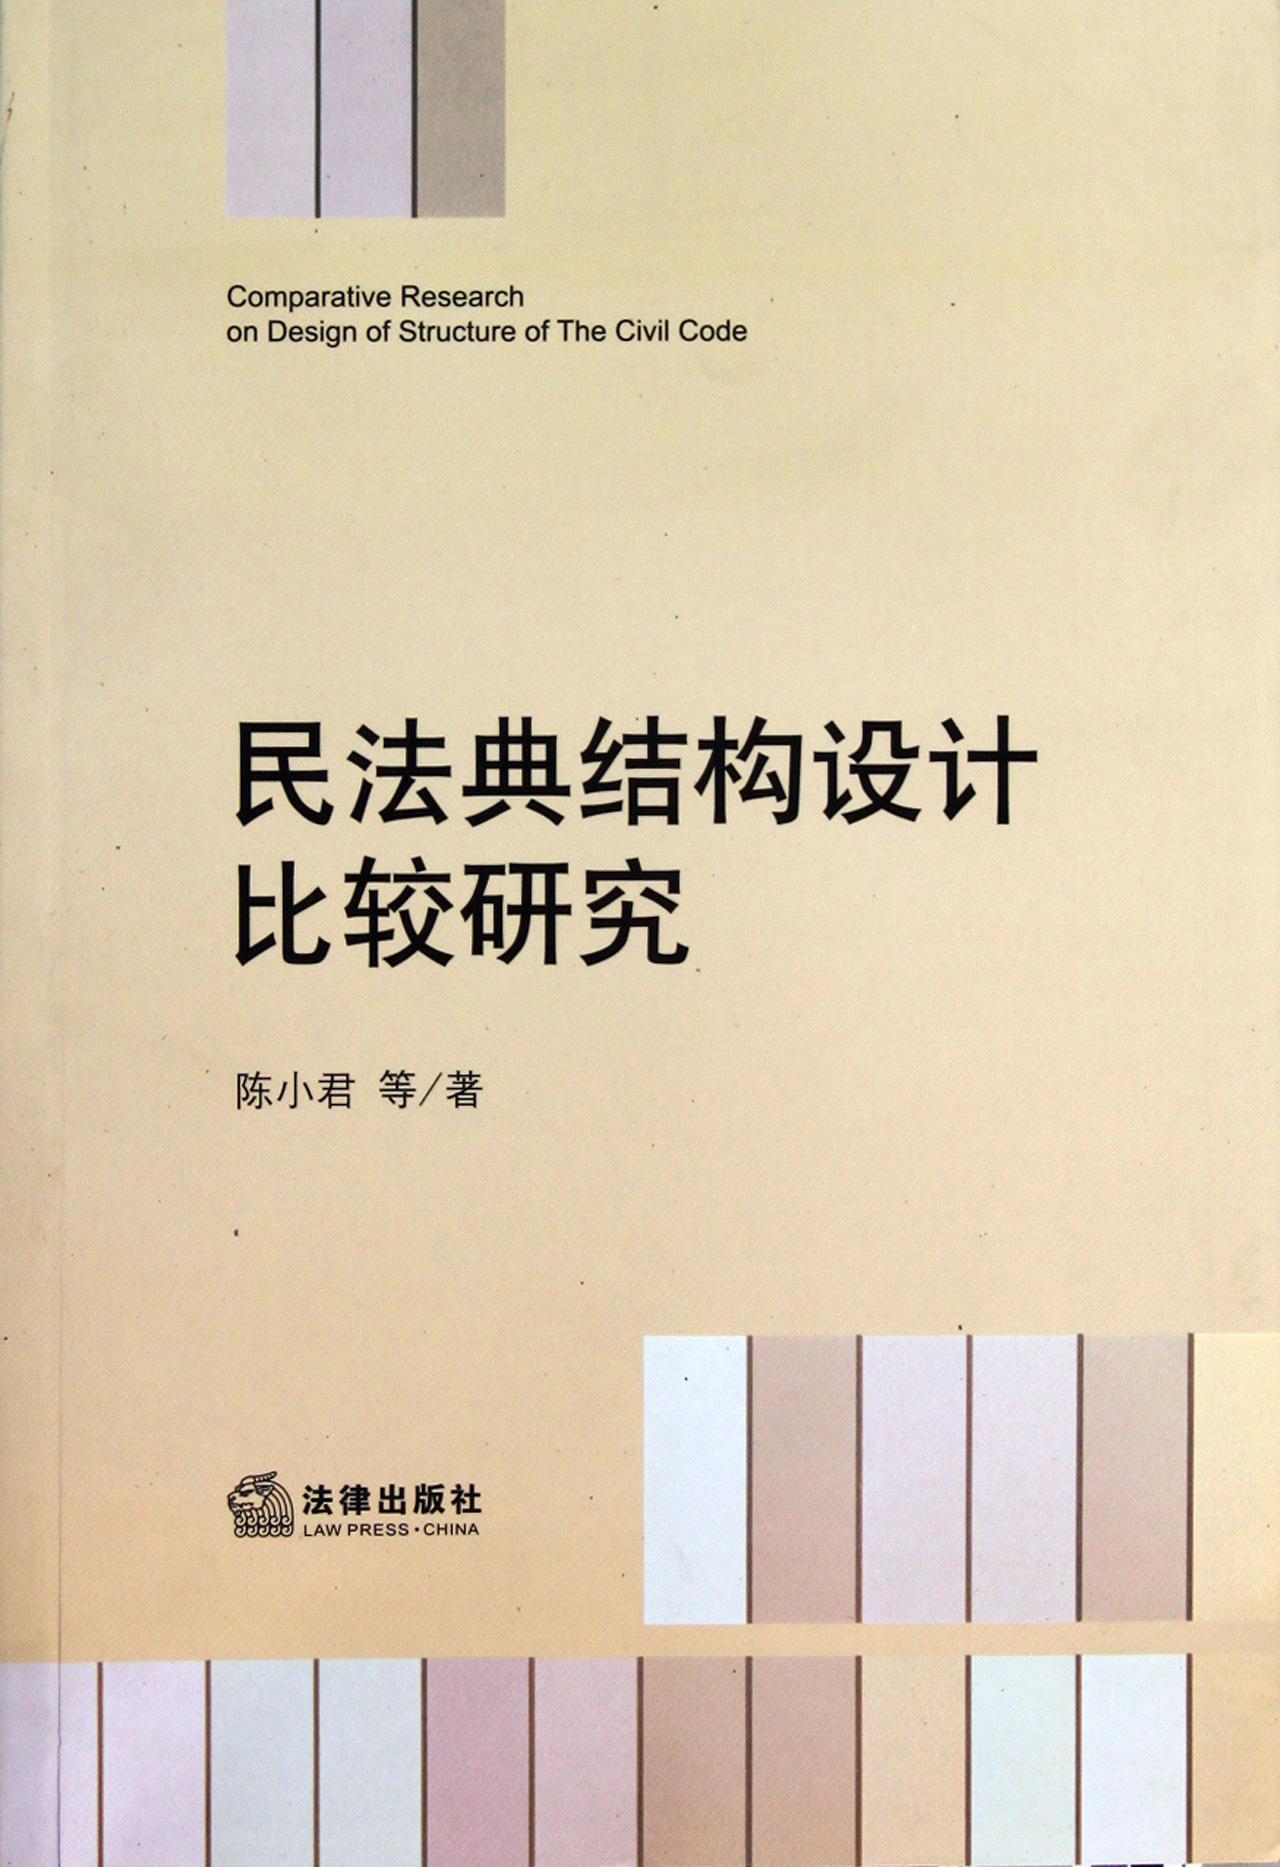 民法典结构设计比较研究